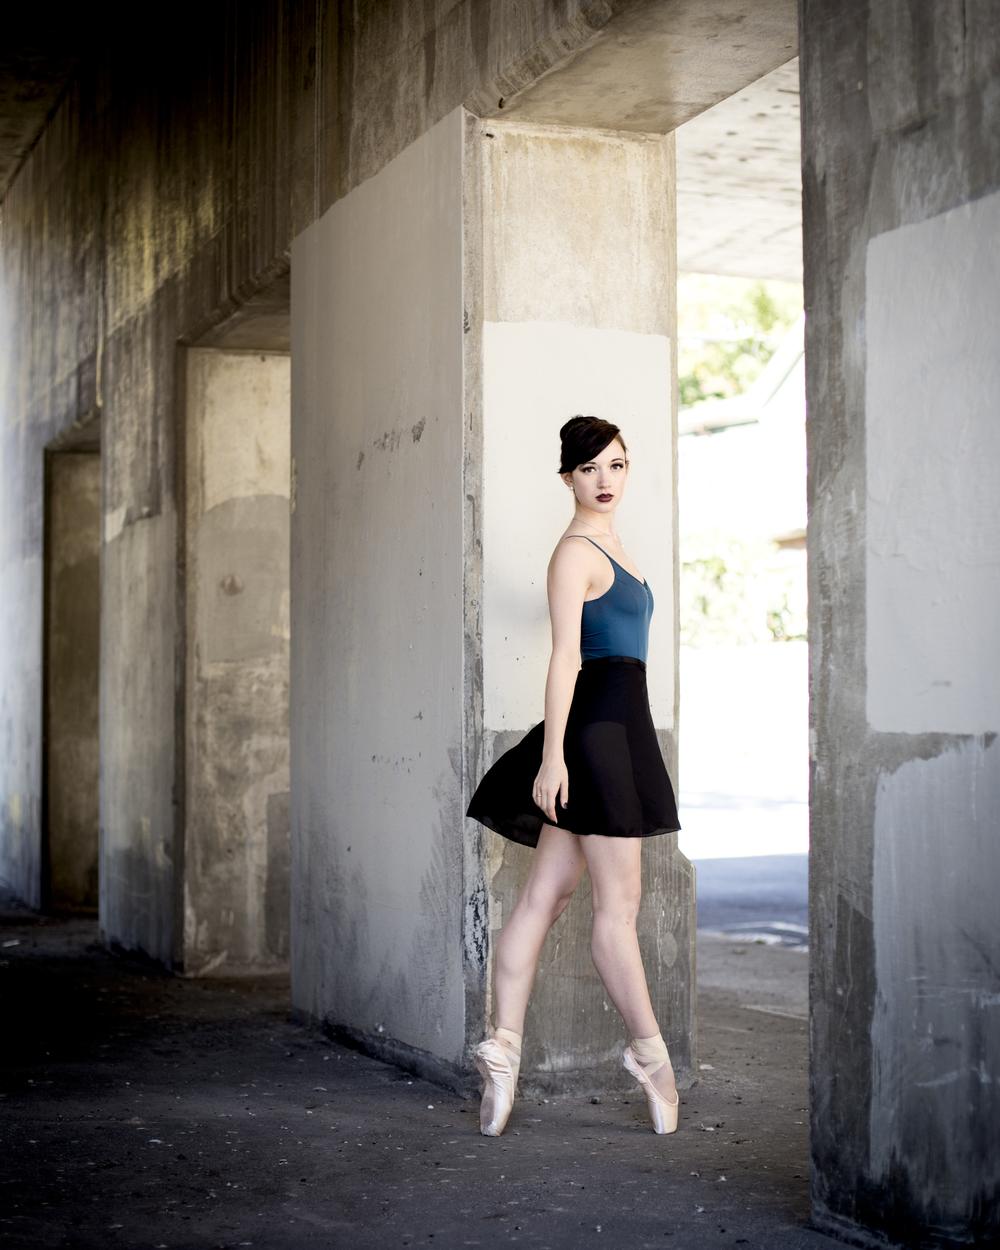 andrianna_ballet-1.jpg